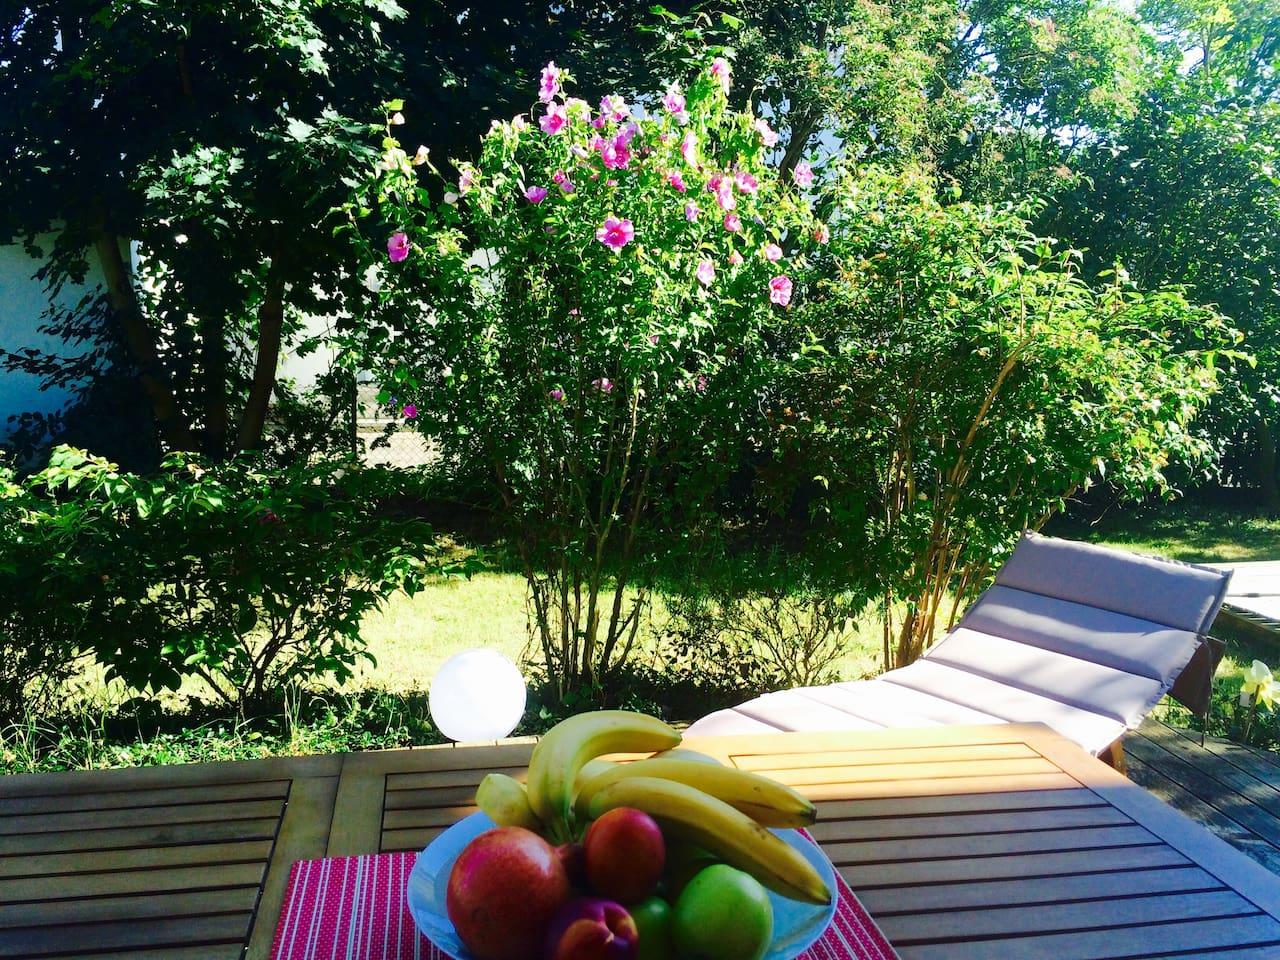 Das Outdoor-Wohnzimmer bietet gleich zwei Sitzgruppen und eine Sonnenliege. Hier lässt sich gemütlich sitzen und auch mit anderen Gästen ins Gespräch kommen. Wer Rückzugsmöglichkeiten wünscht, findet diese im großzügigen Garten zur Genüge.